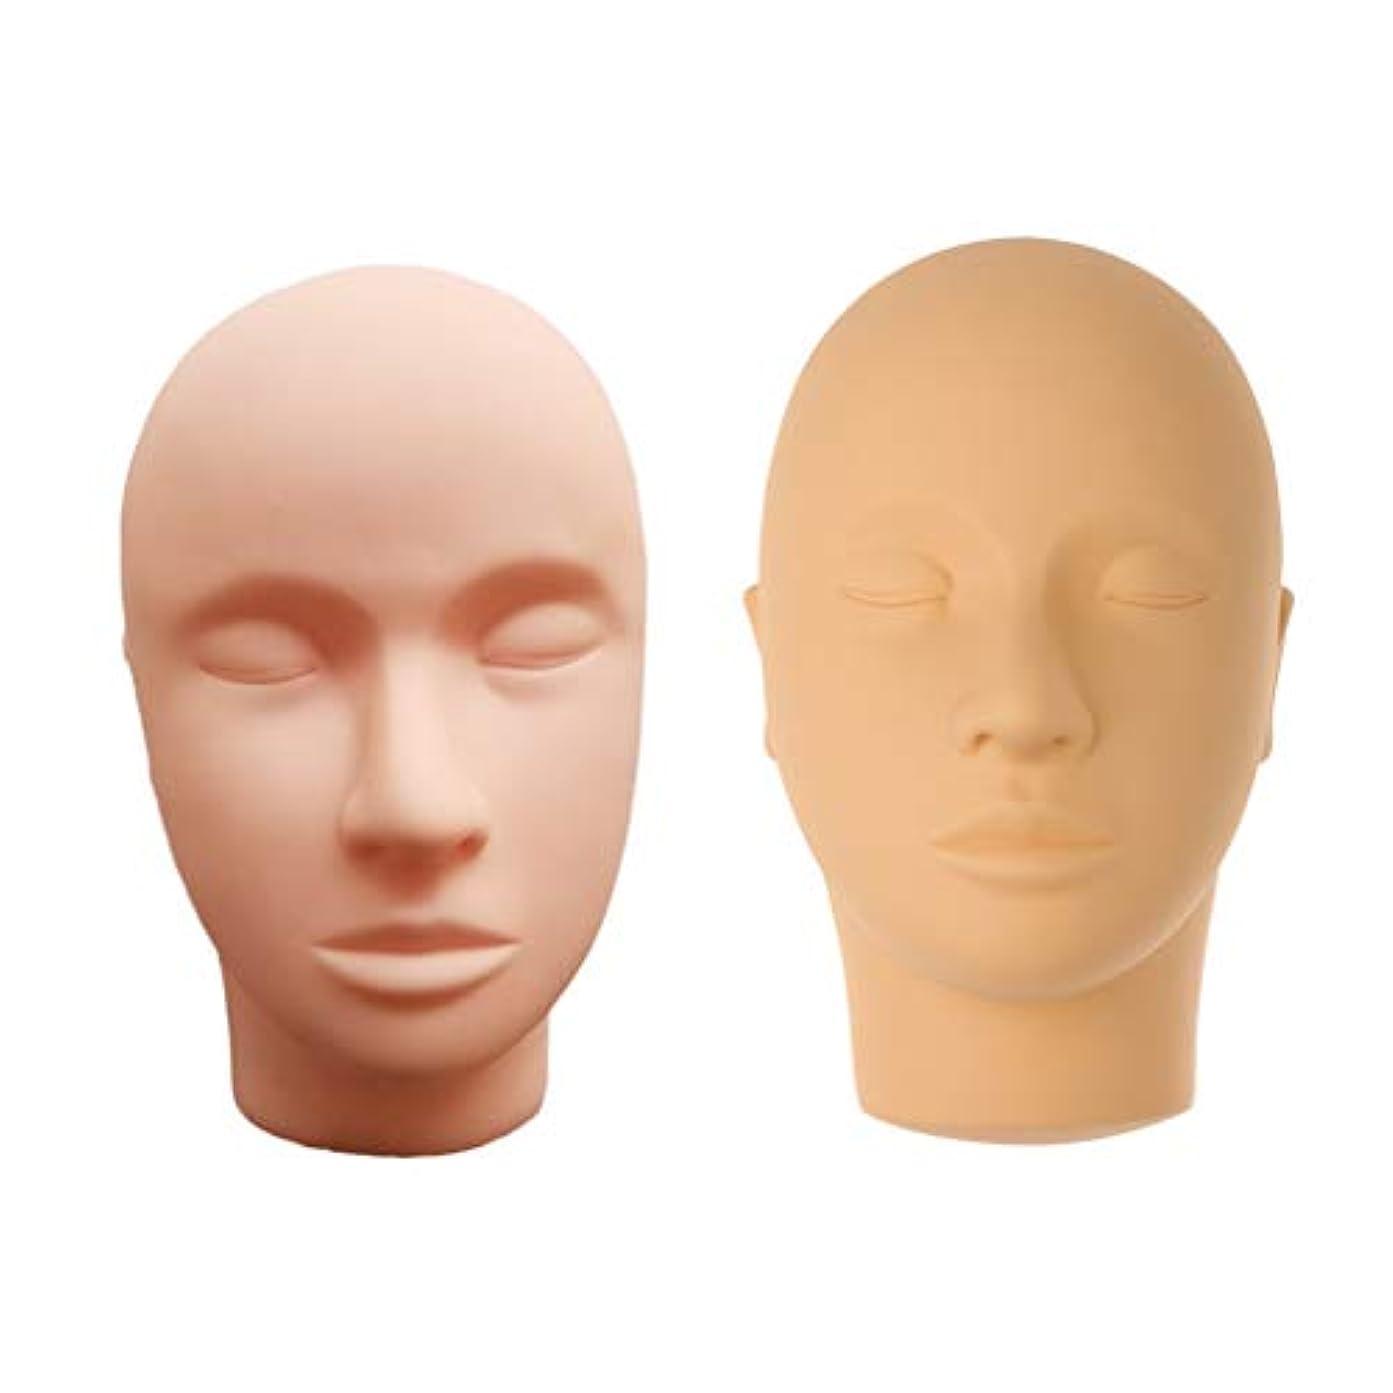 かび臭い分析的タンパク質CUTICATE マネキンヘッド ディスプレイ 肌色 化粧練習 メイク マッサージ トレーニング 繰り返し利用